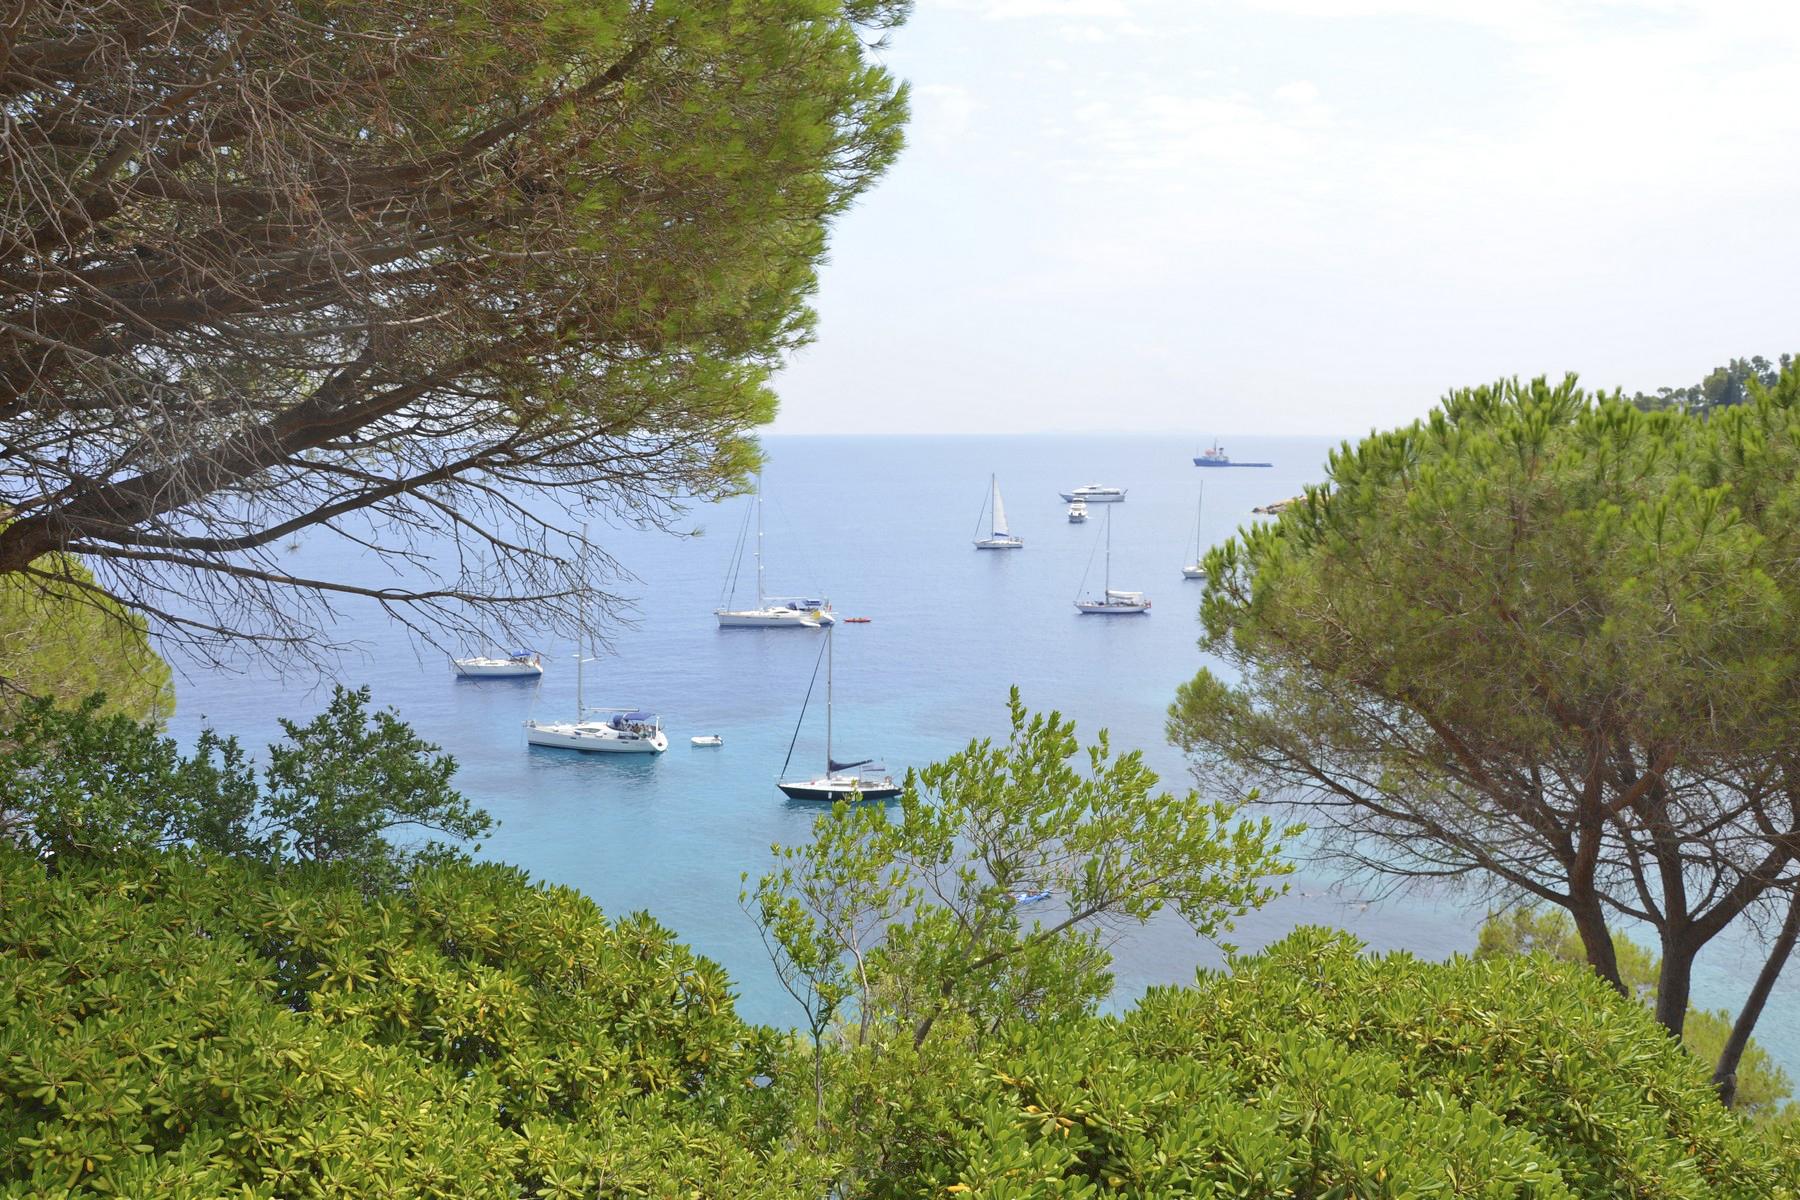 Villa in Vendita a Isola Del Giglio: 5 locali, 210 mq - Foto 10